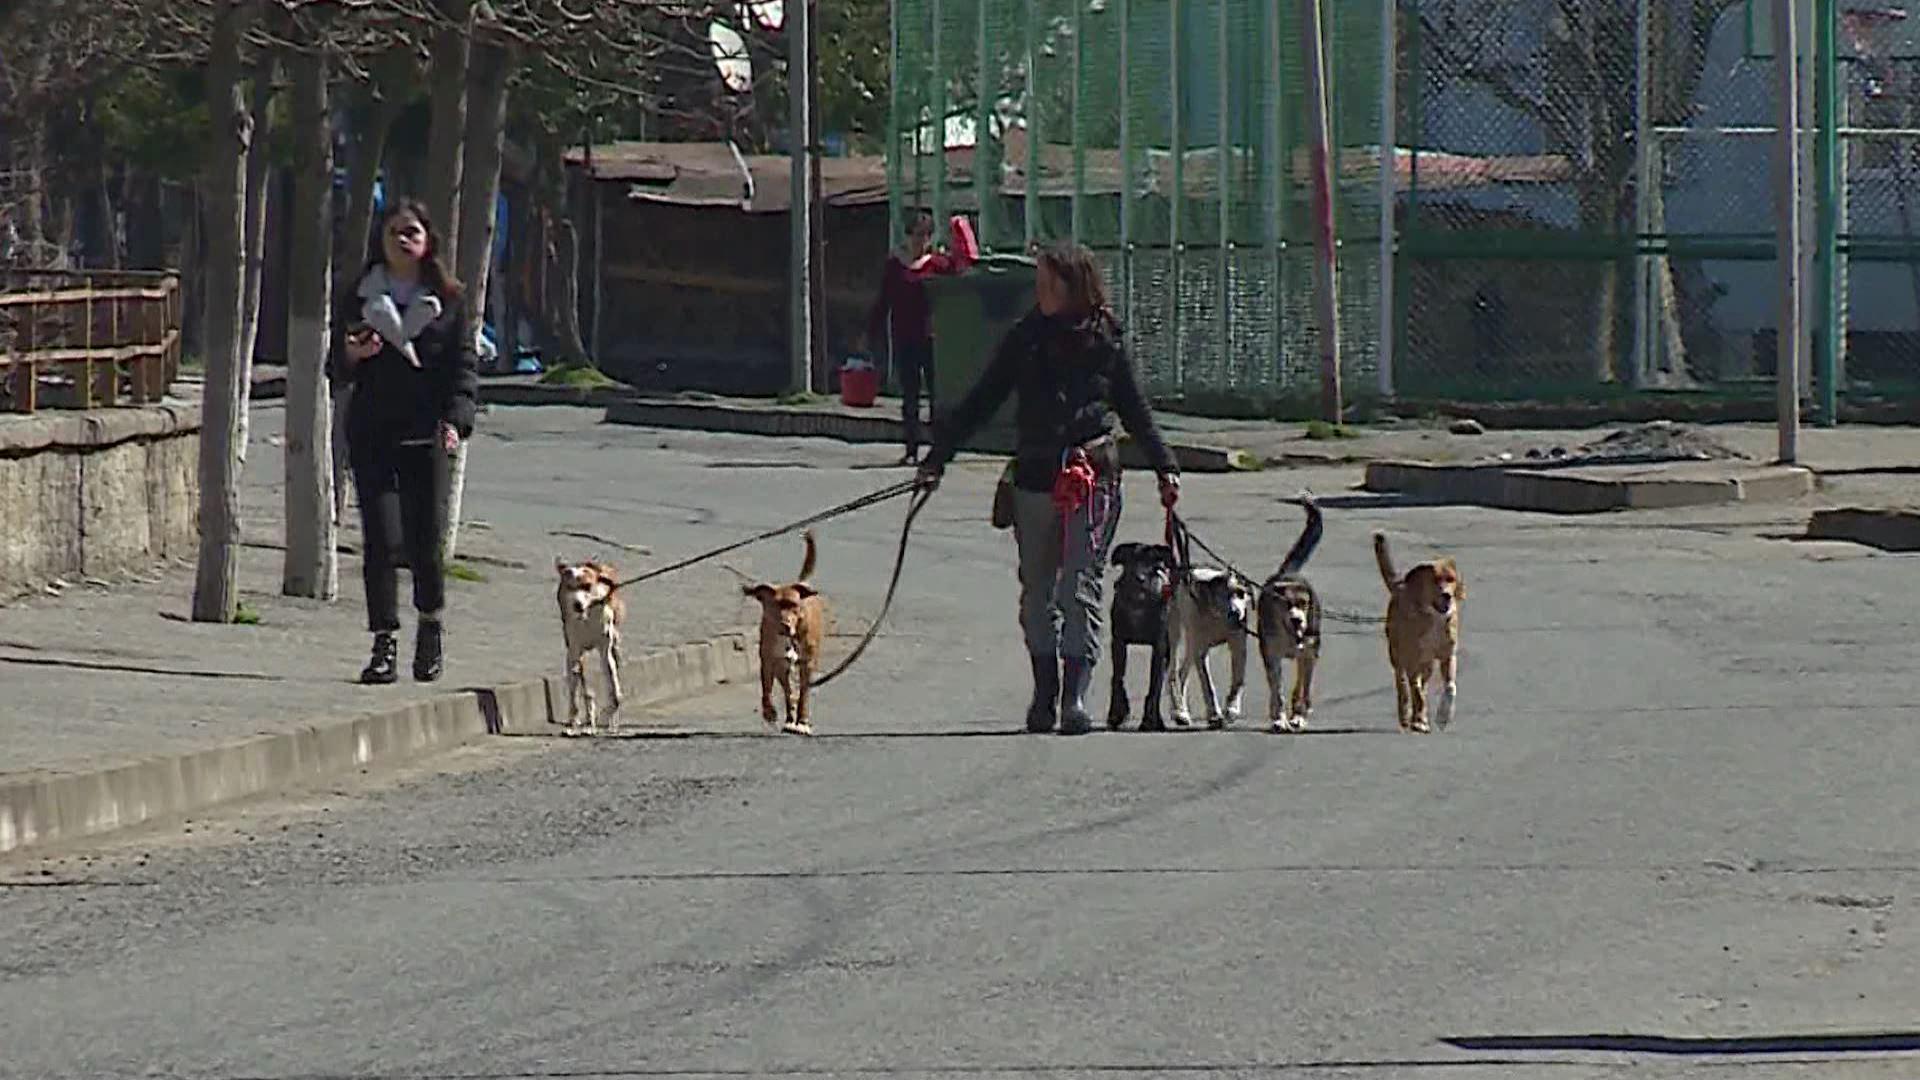 შვეიცარიელმა რეპორტიორმა ქედაში უპატრონო ძაღლები შეიფარა